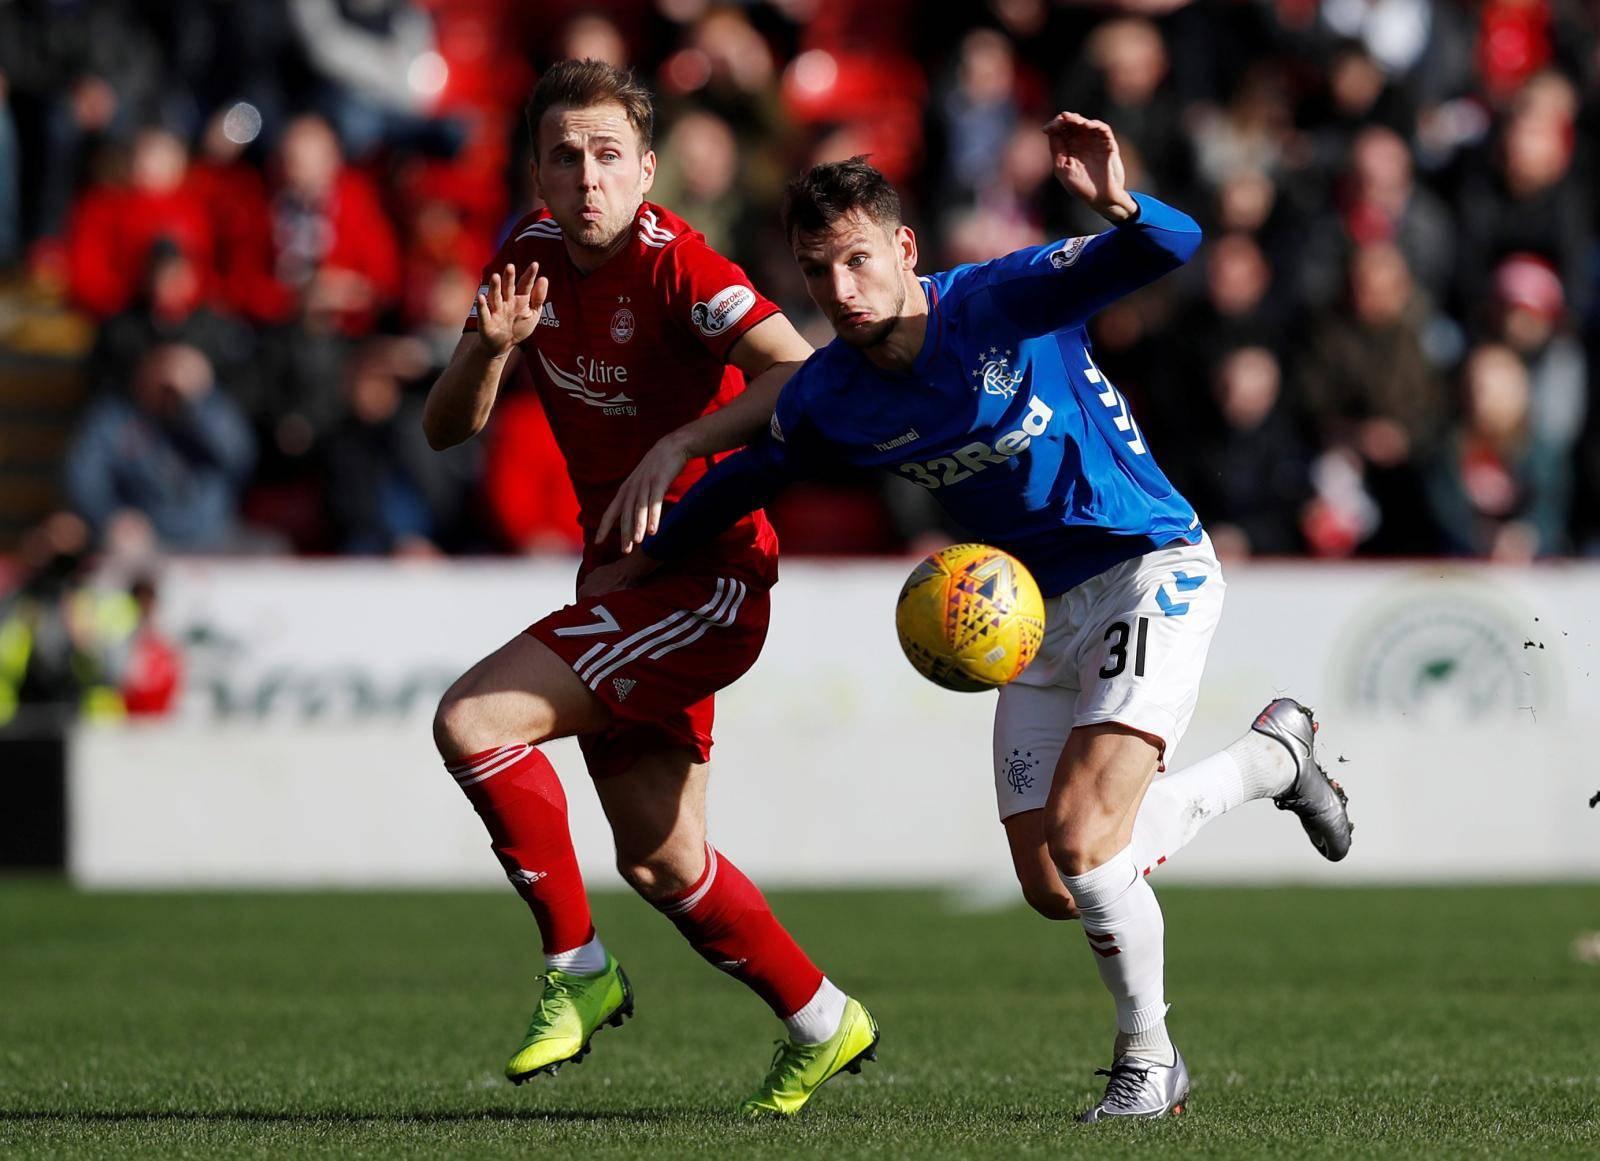 Scottish Cup Quarter Final - Aberdeen v Rangers